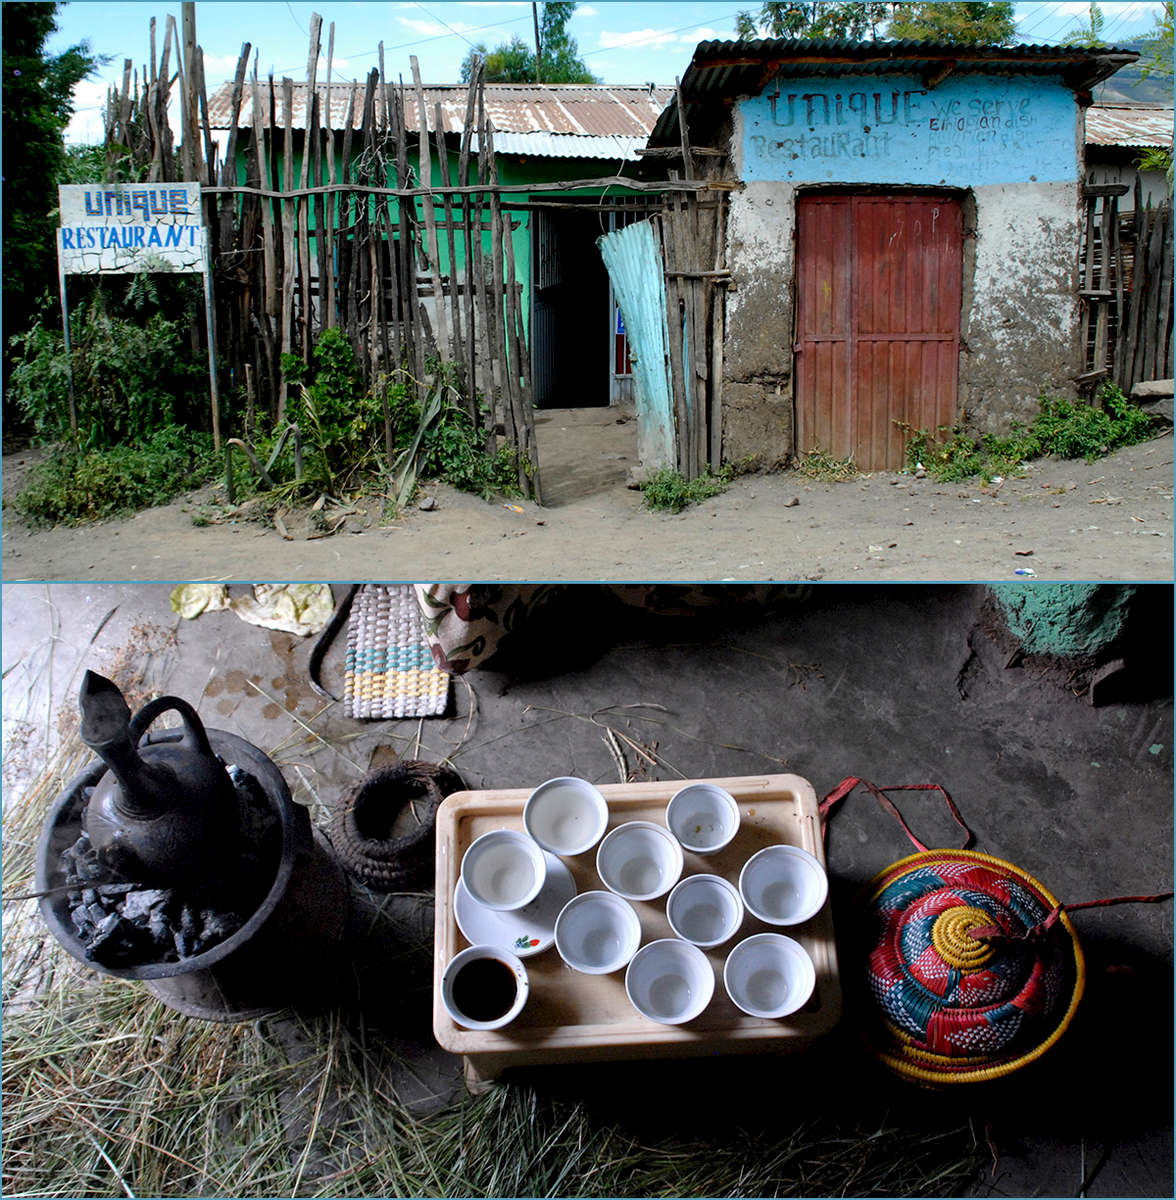 Ethiopia-The-Unique-Restaurant-and-coffee-culture